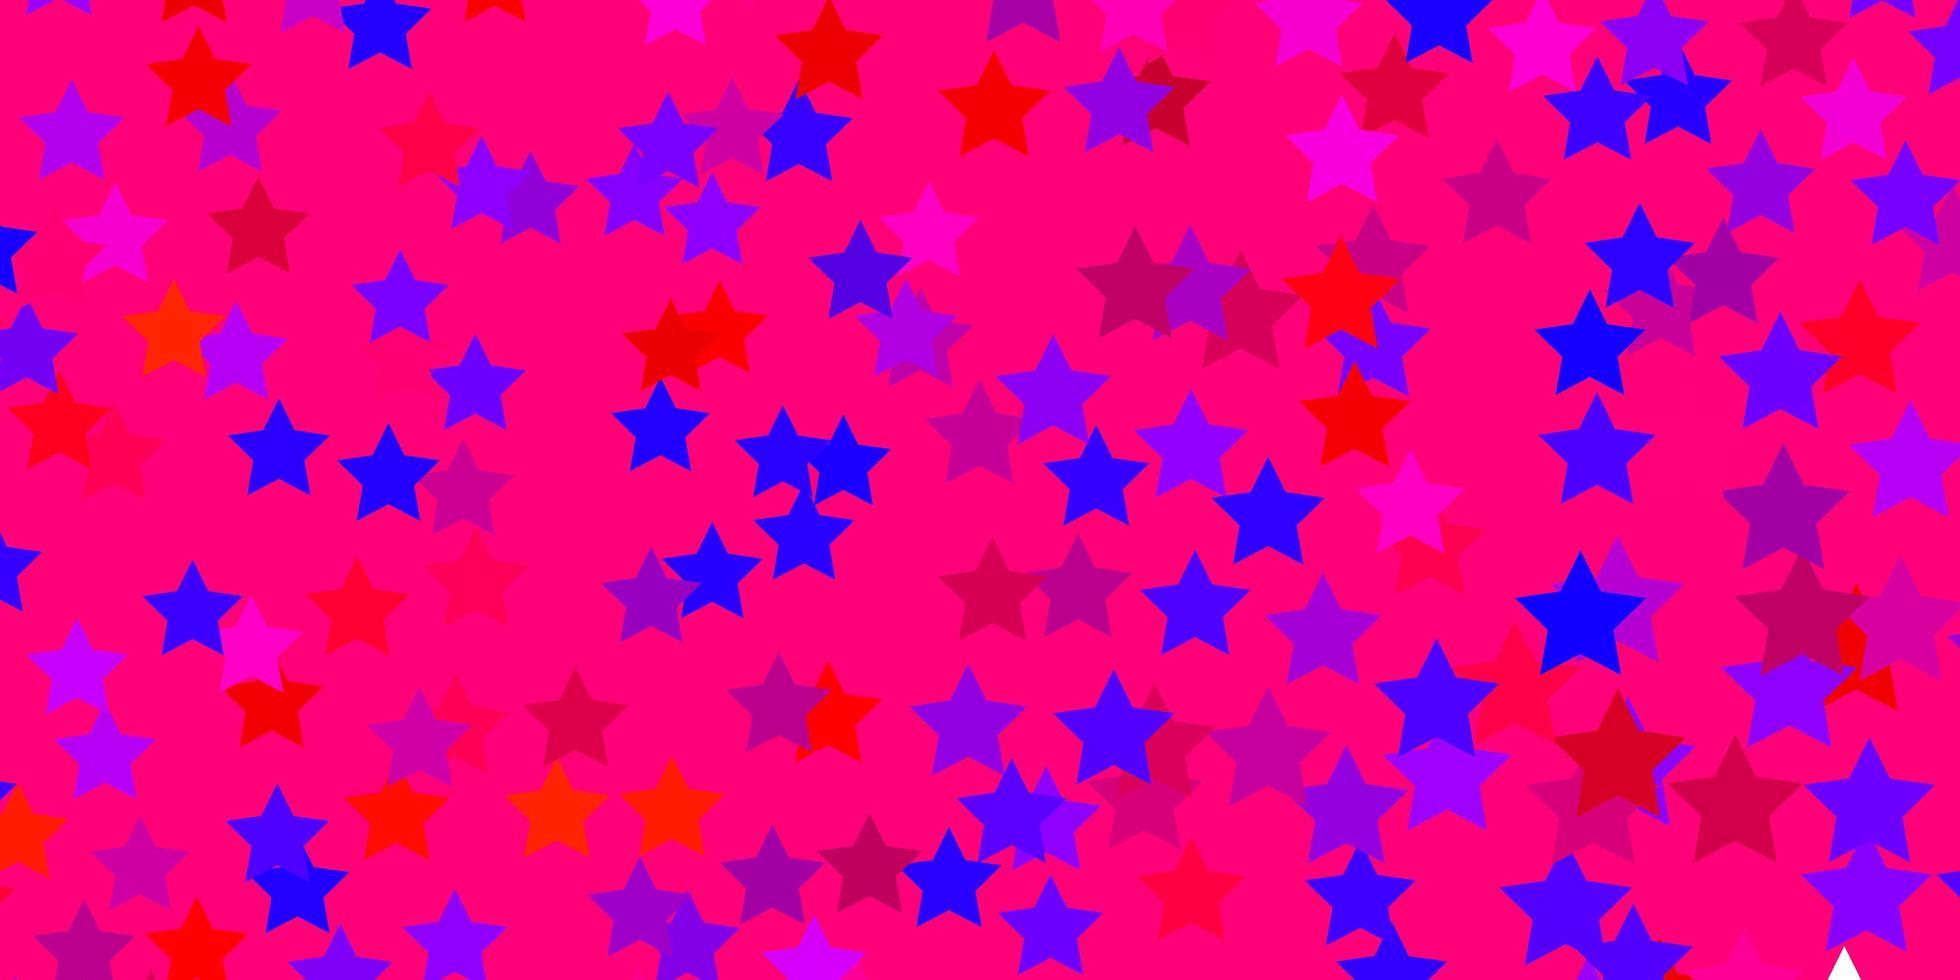 lichtblauw, rood vectormalplaatje met neonsterren. vector